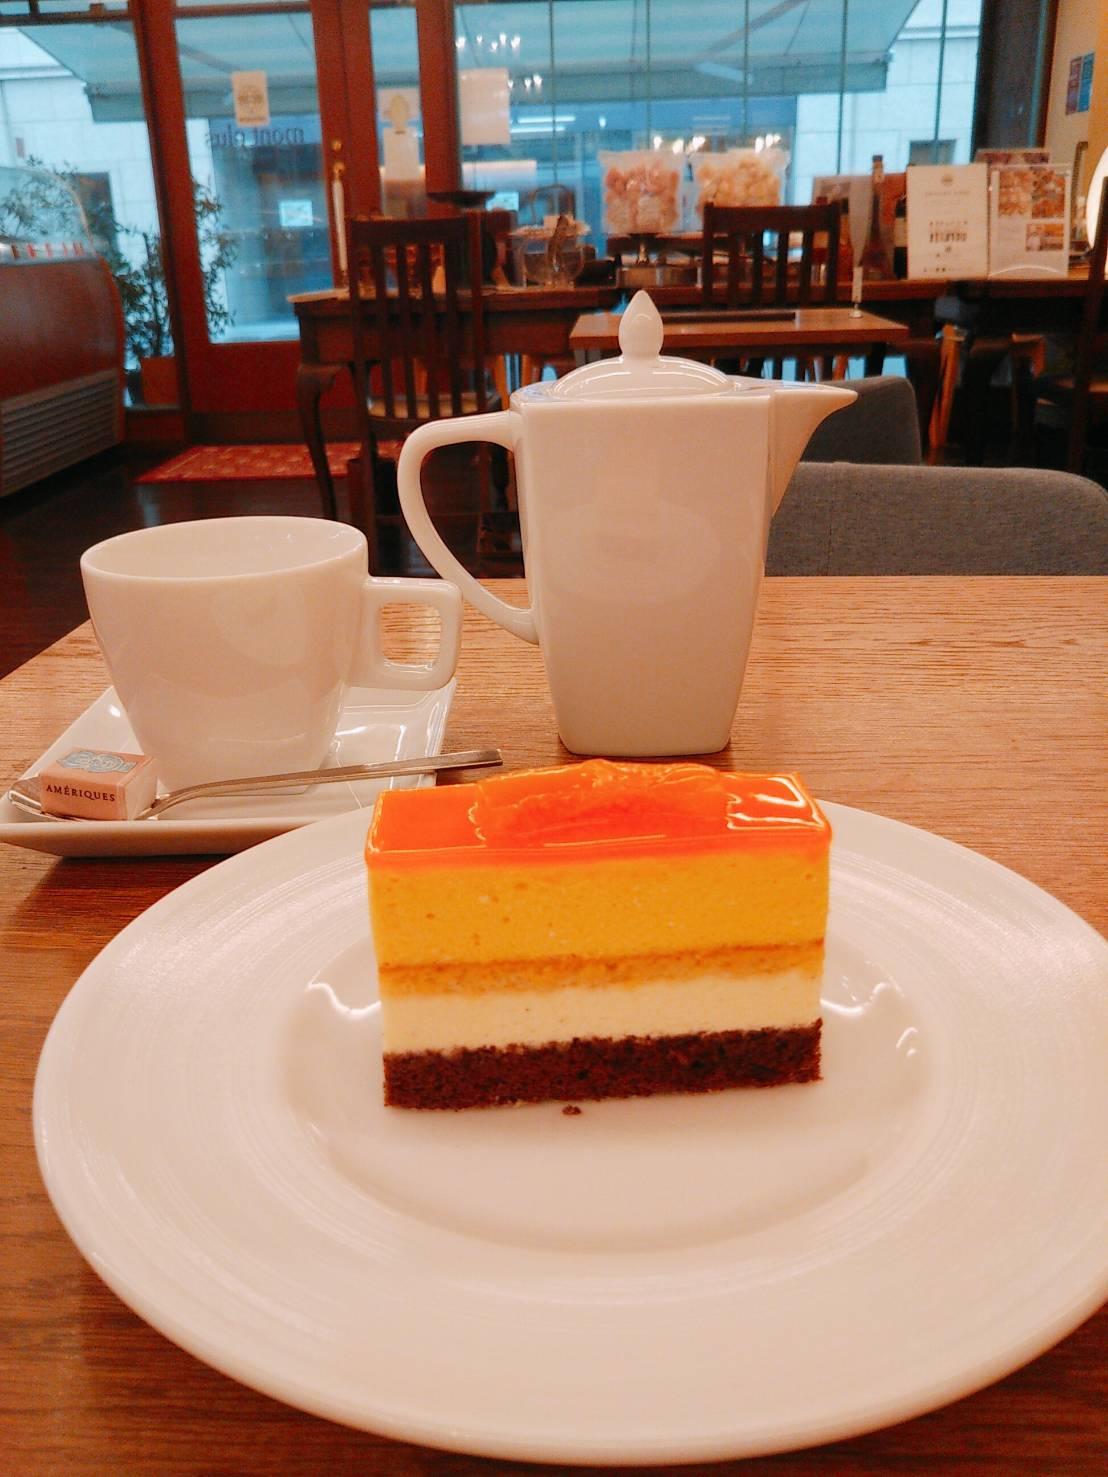 神戸乙仲通りに行列のできる フランス菓子の名店『パティスリー モンプリュ本店』